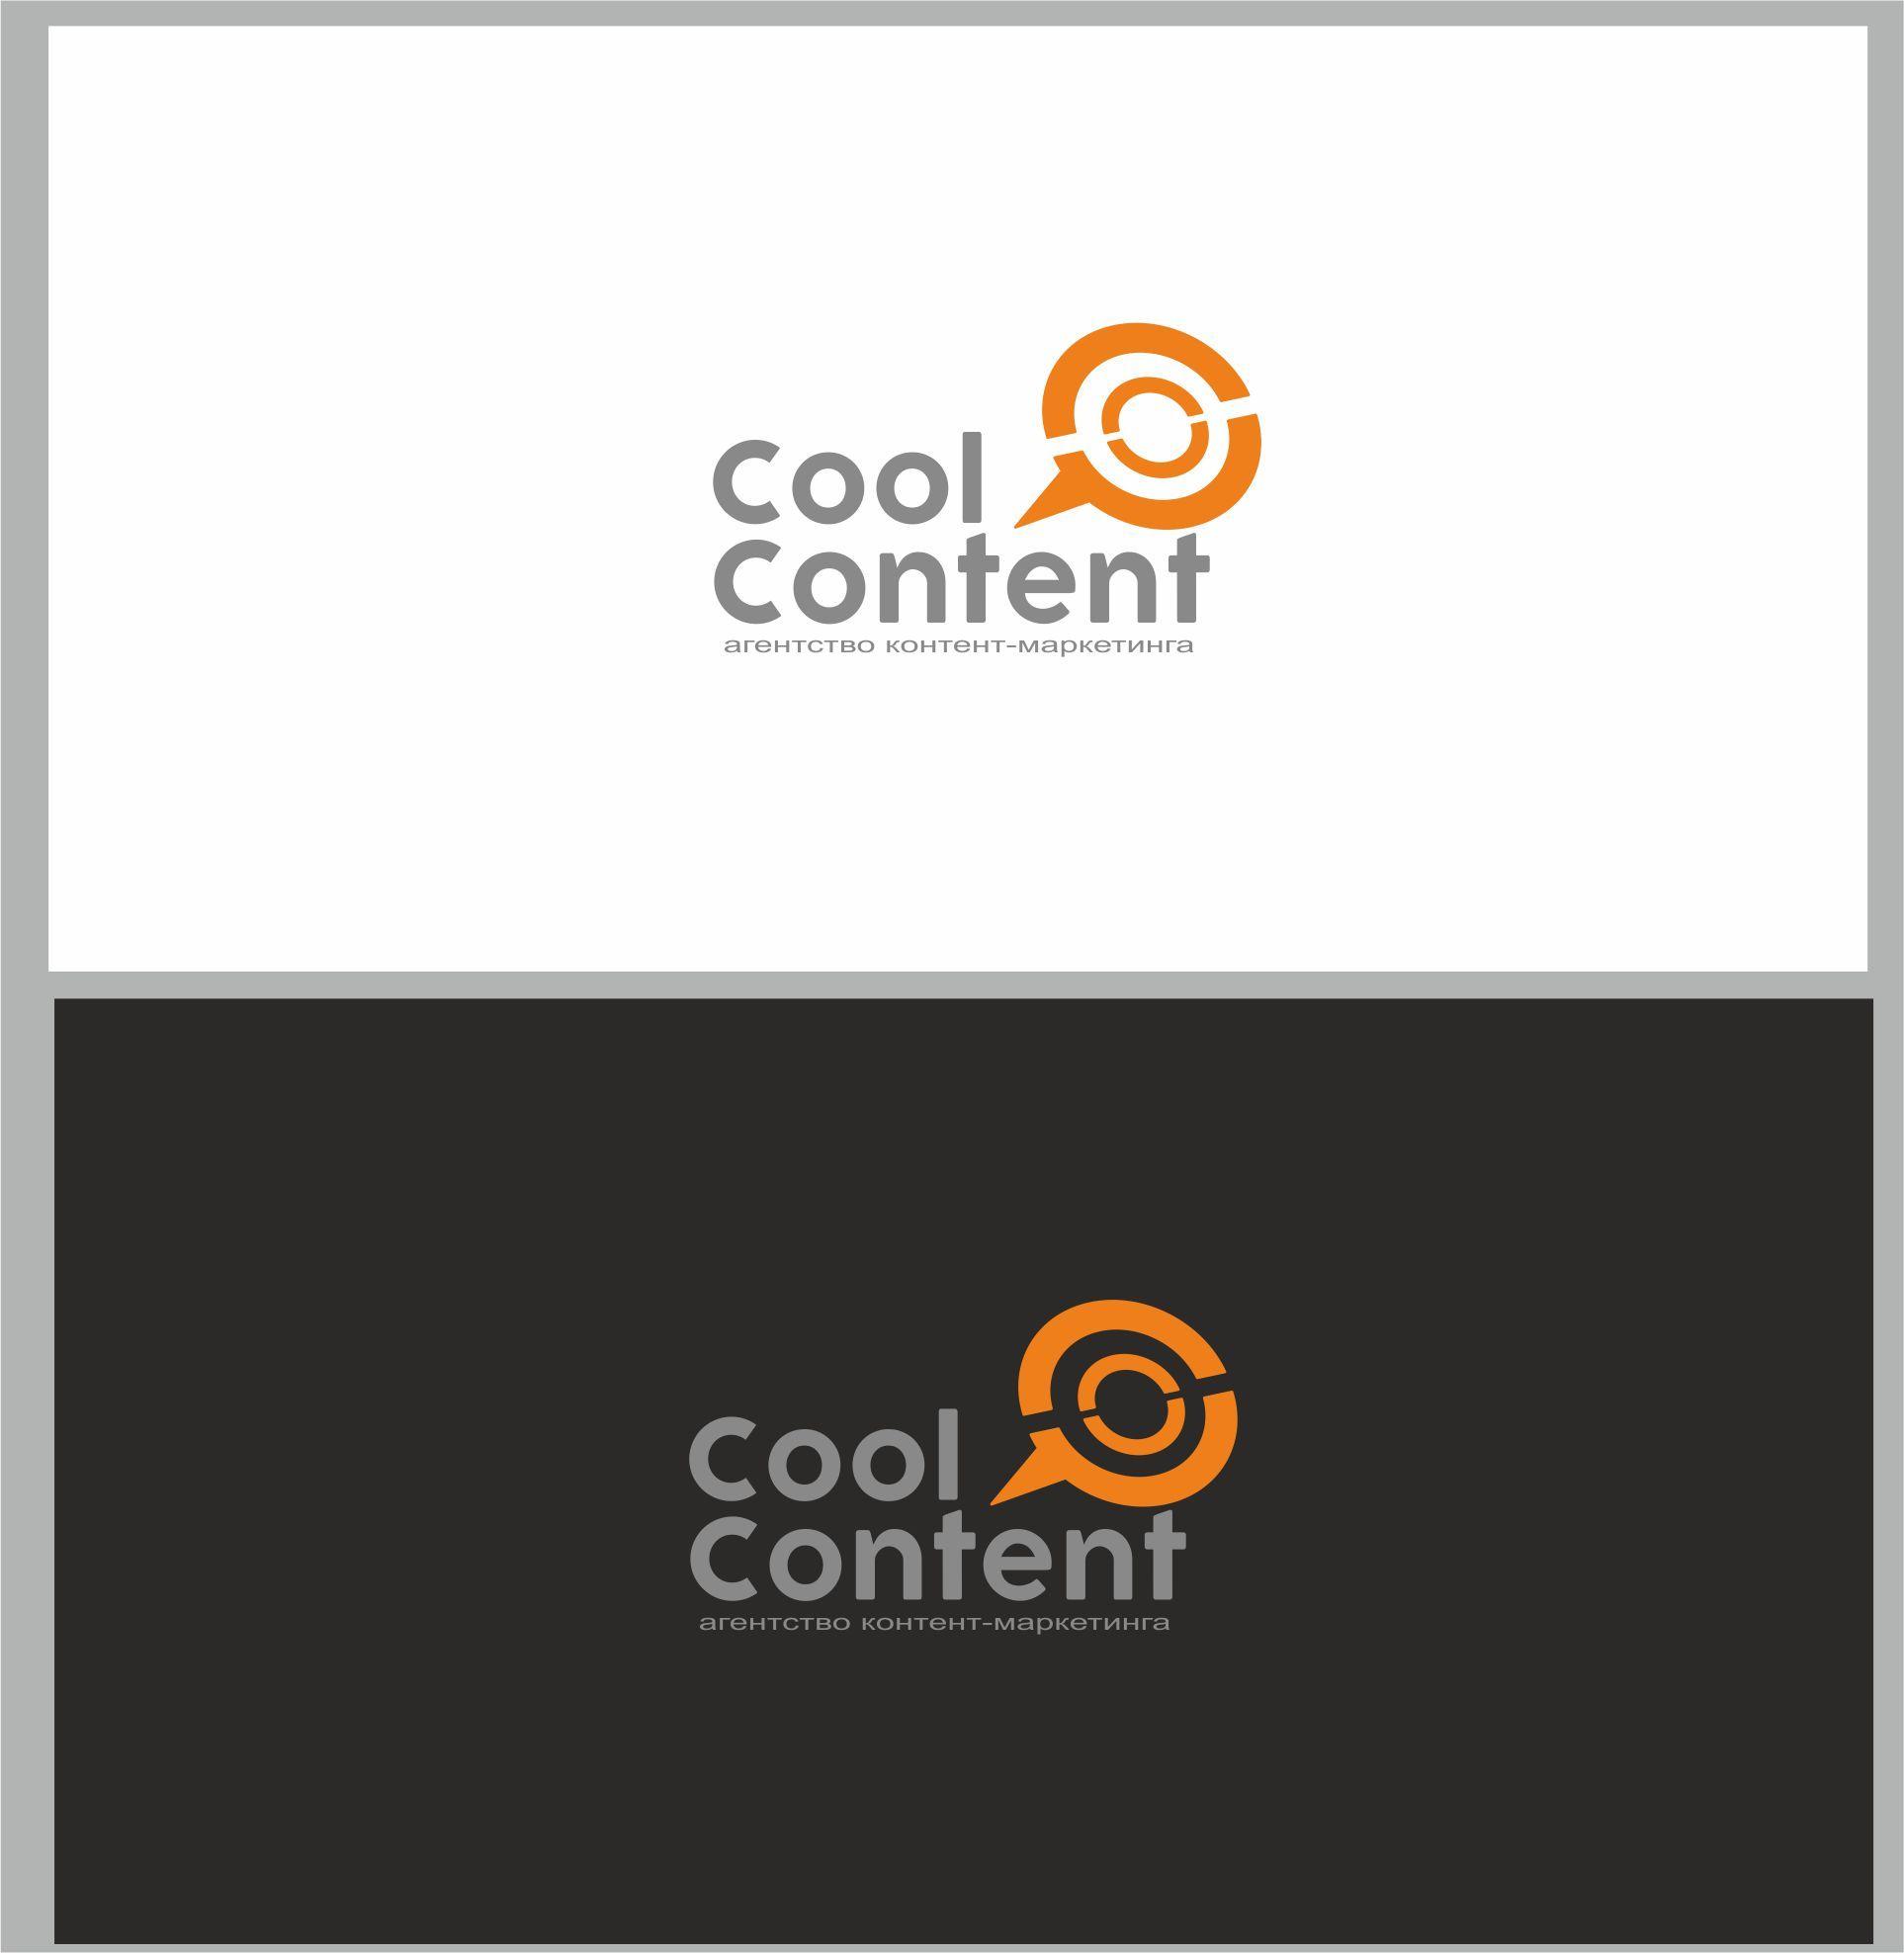 Лого для агентства Cool Content - дизайнер dbyjuhfl